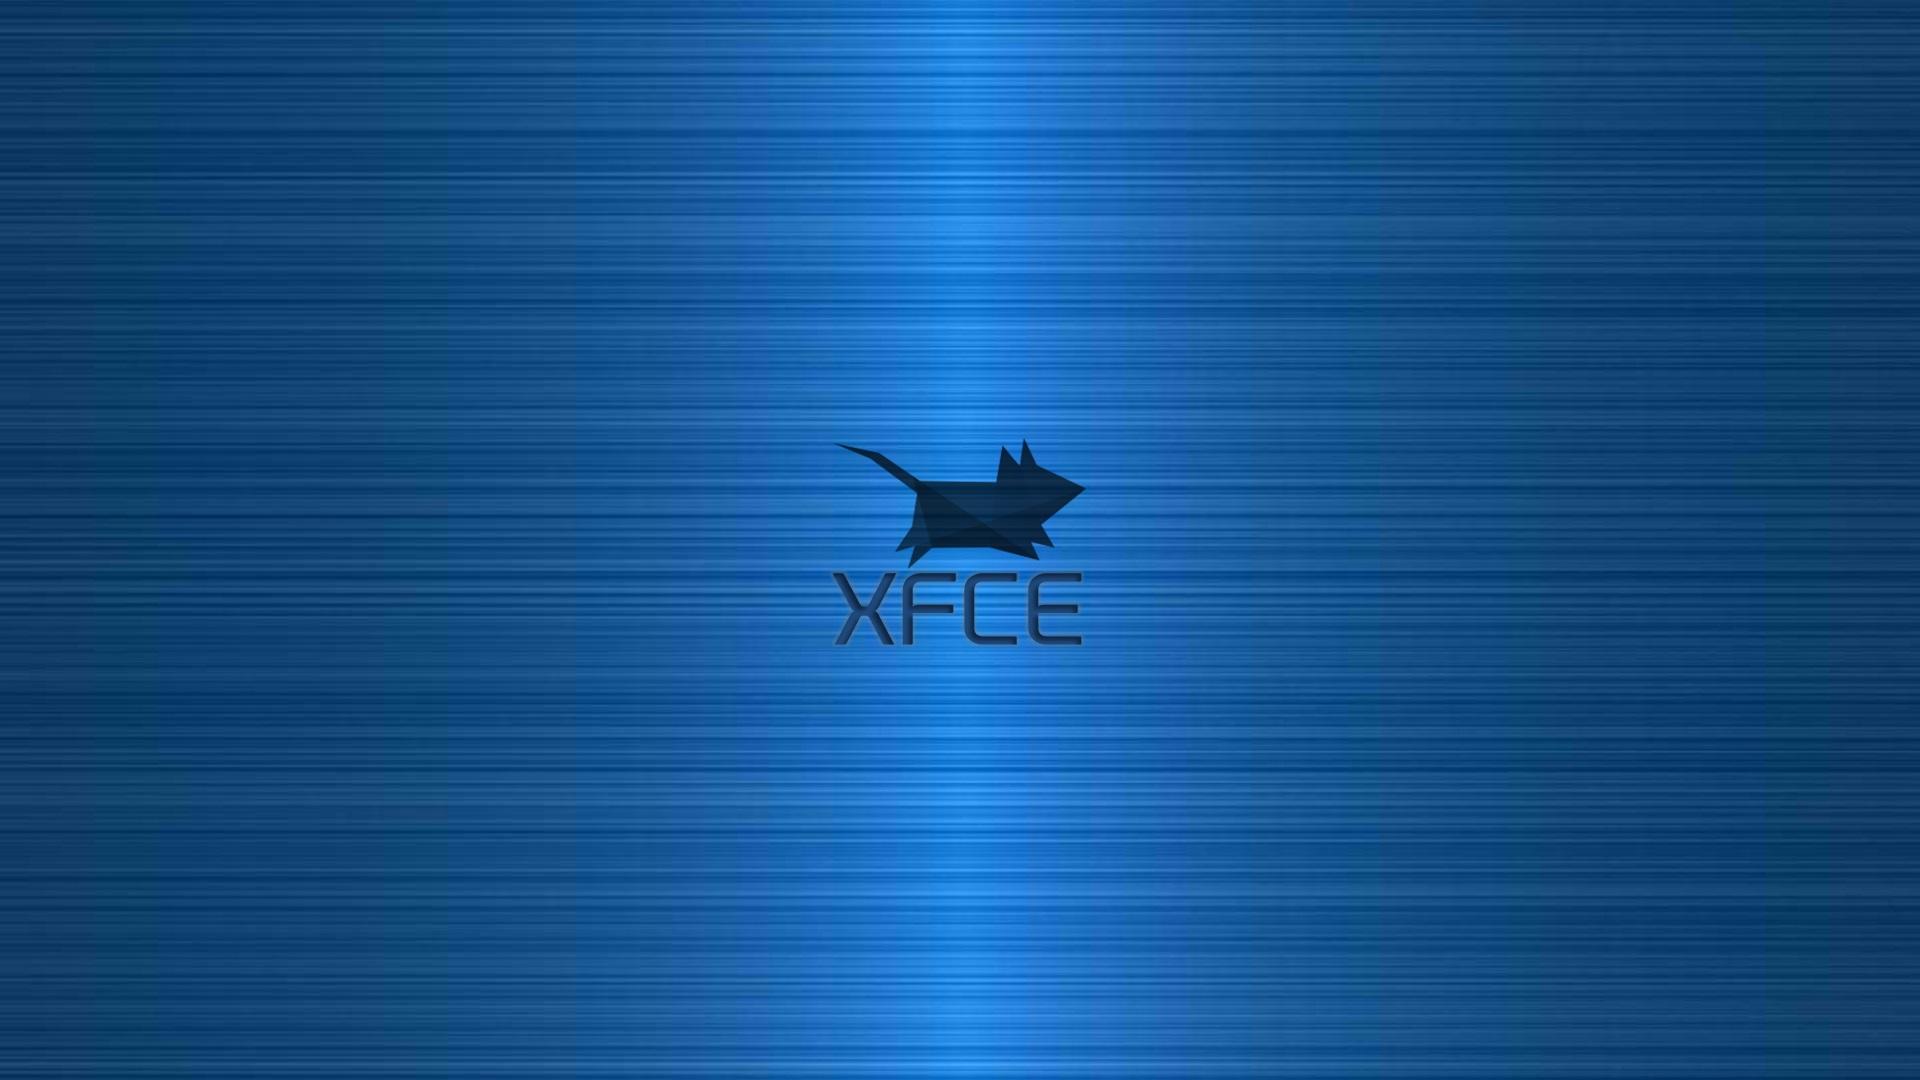 XFCE Blue Brushed By Despotveliki